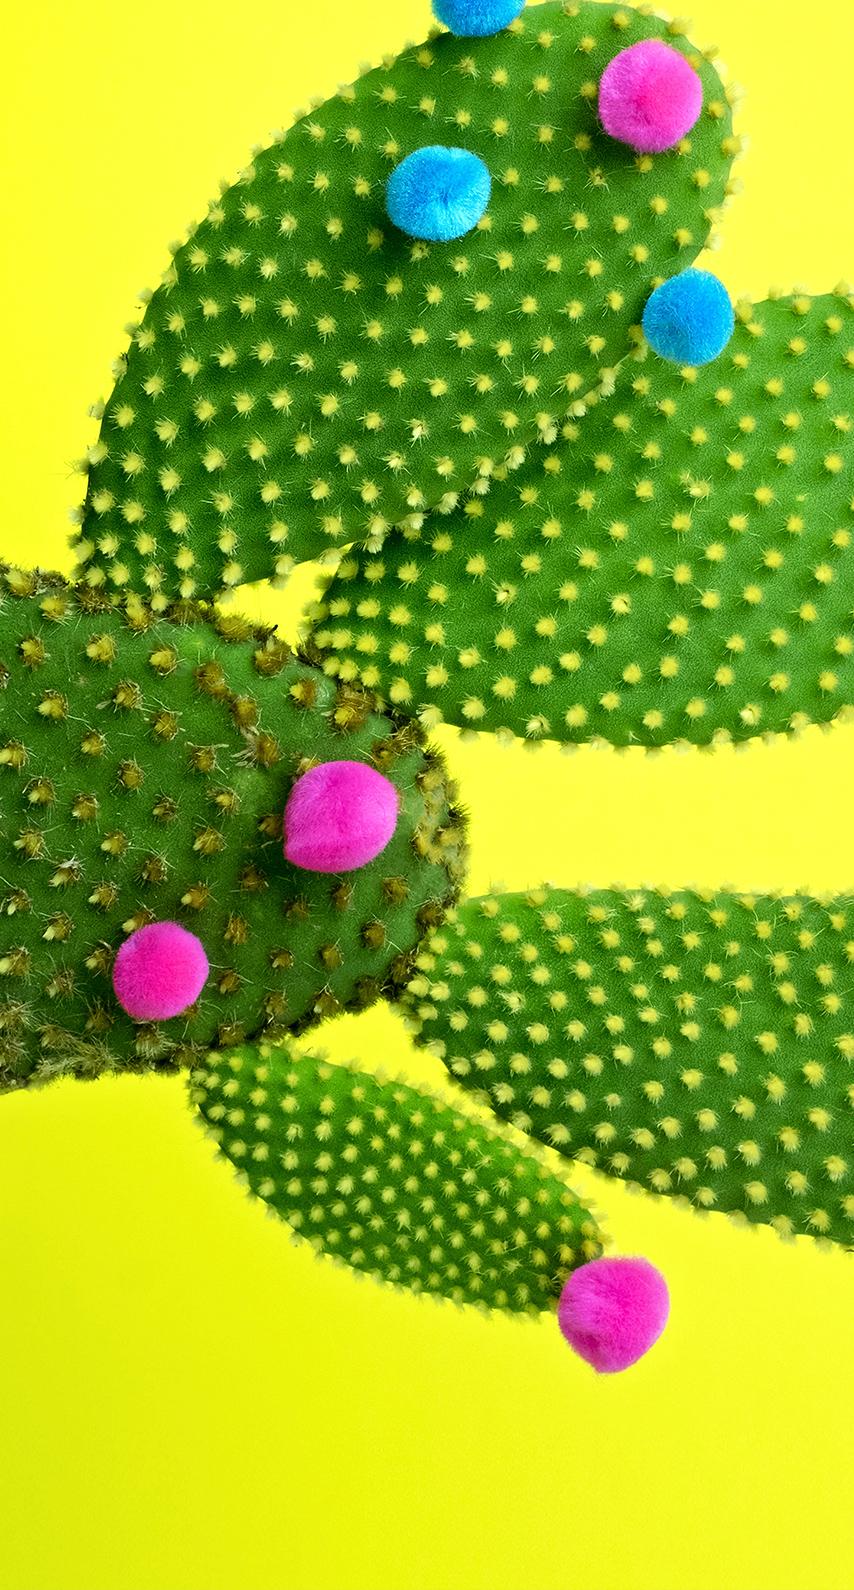 disjunct, flowering plant